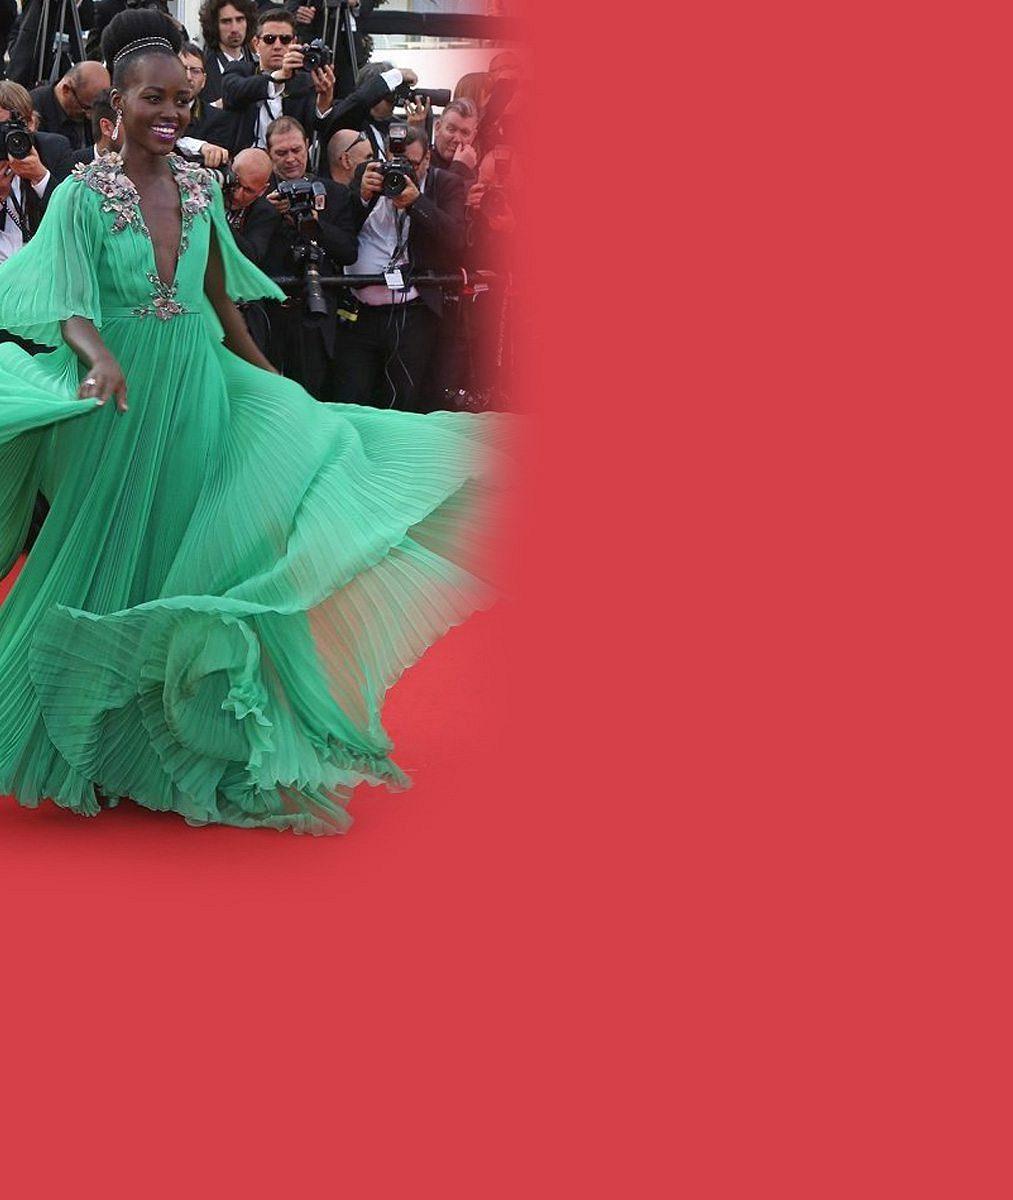 Čokoládová držitelka Oscara se konečně poodhalila: Takhle to nejkrásnější ženě roku 2014 sekne v bikinách